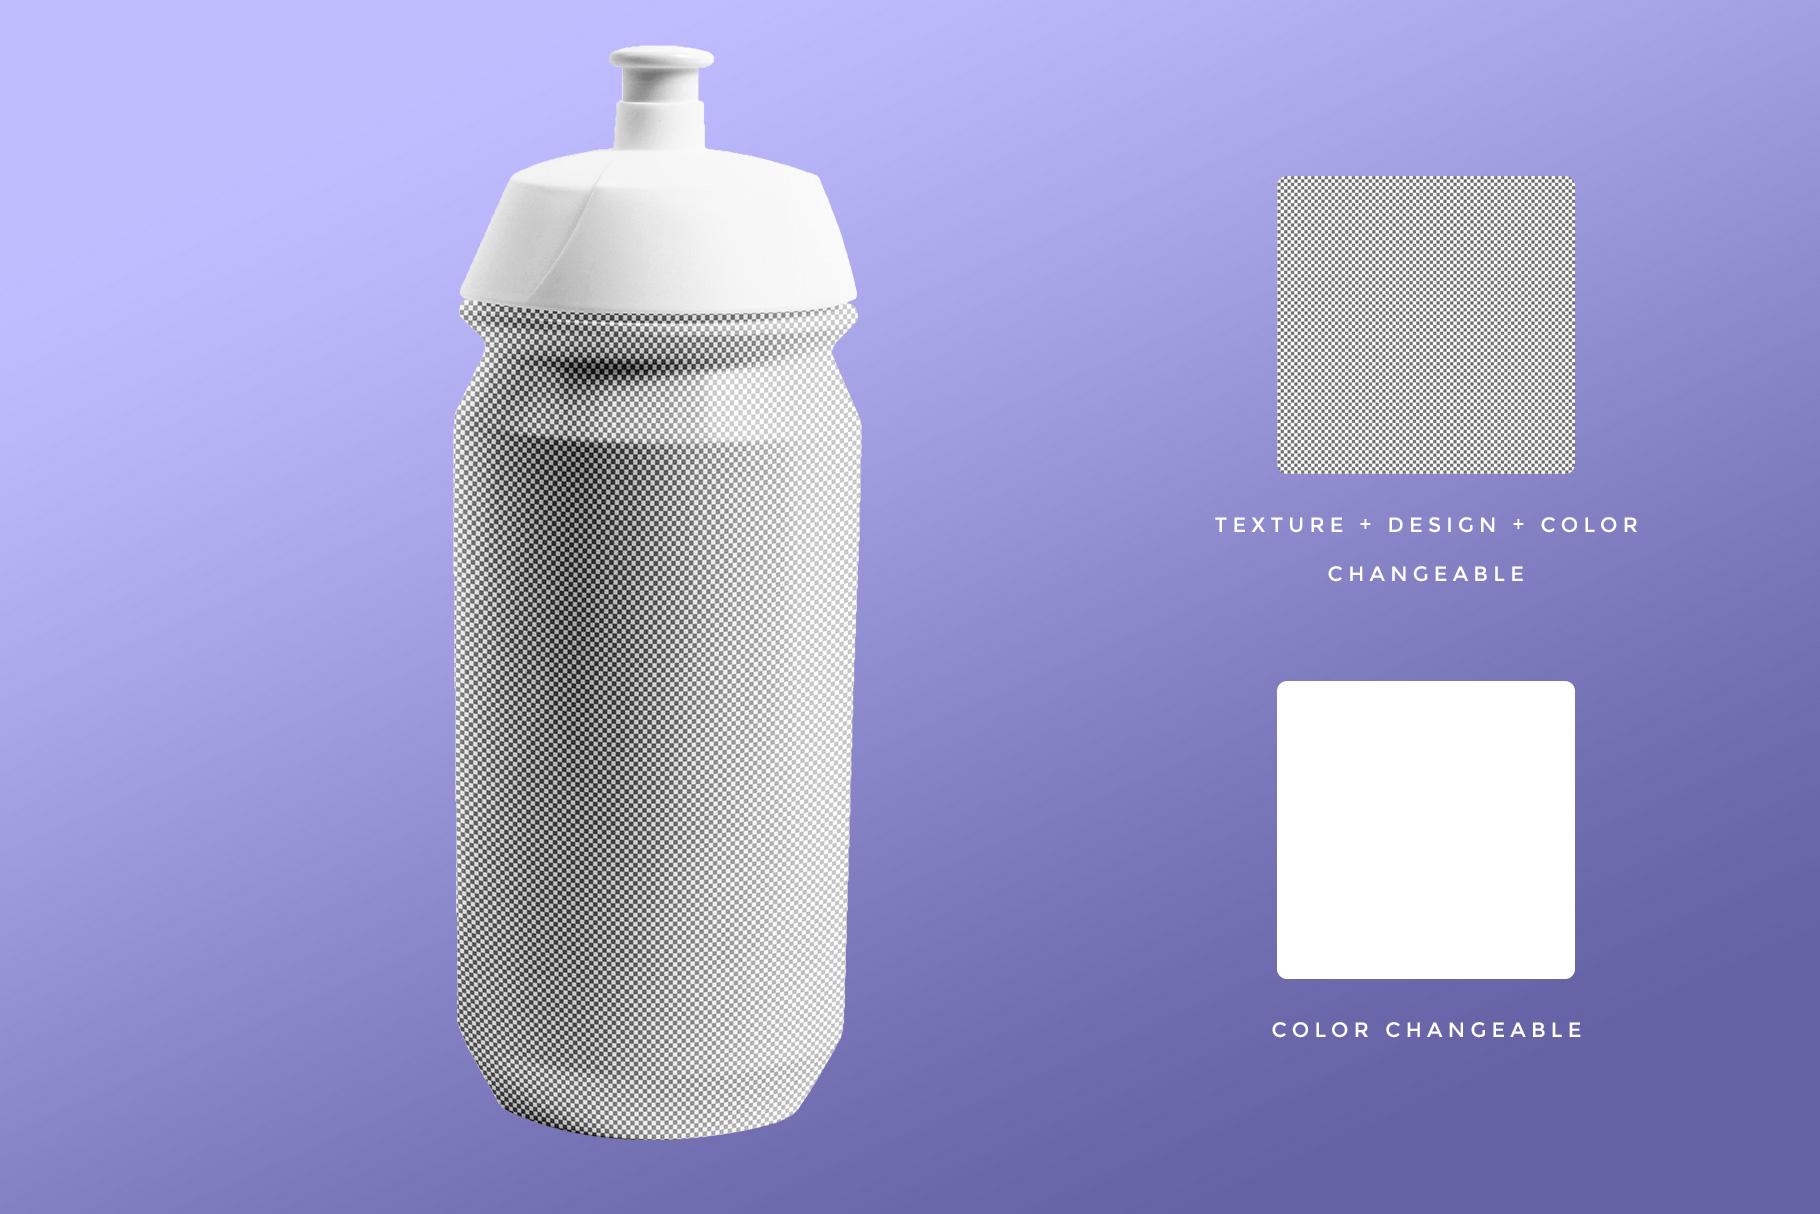 editability of the biker water bottle mockup